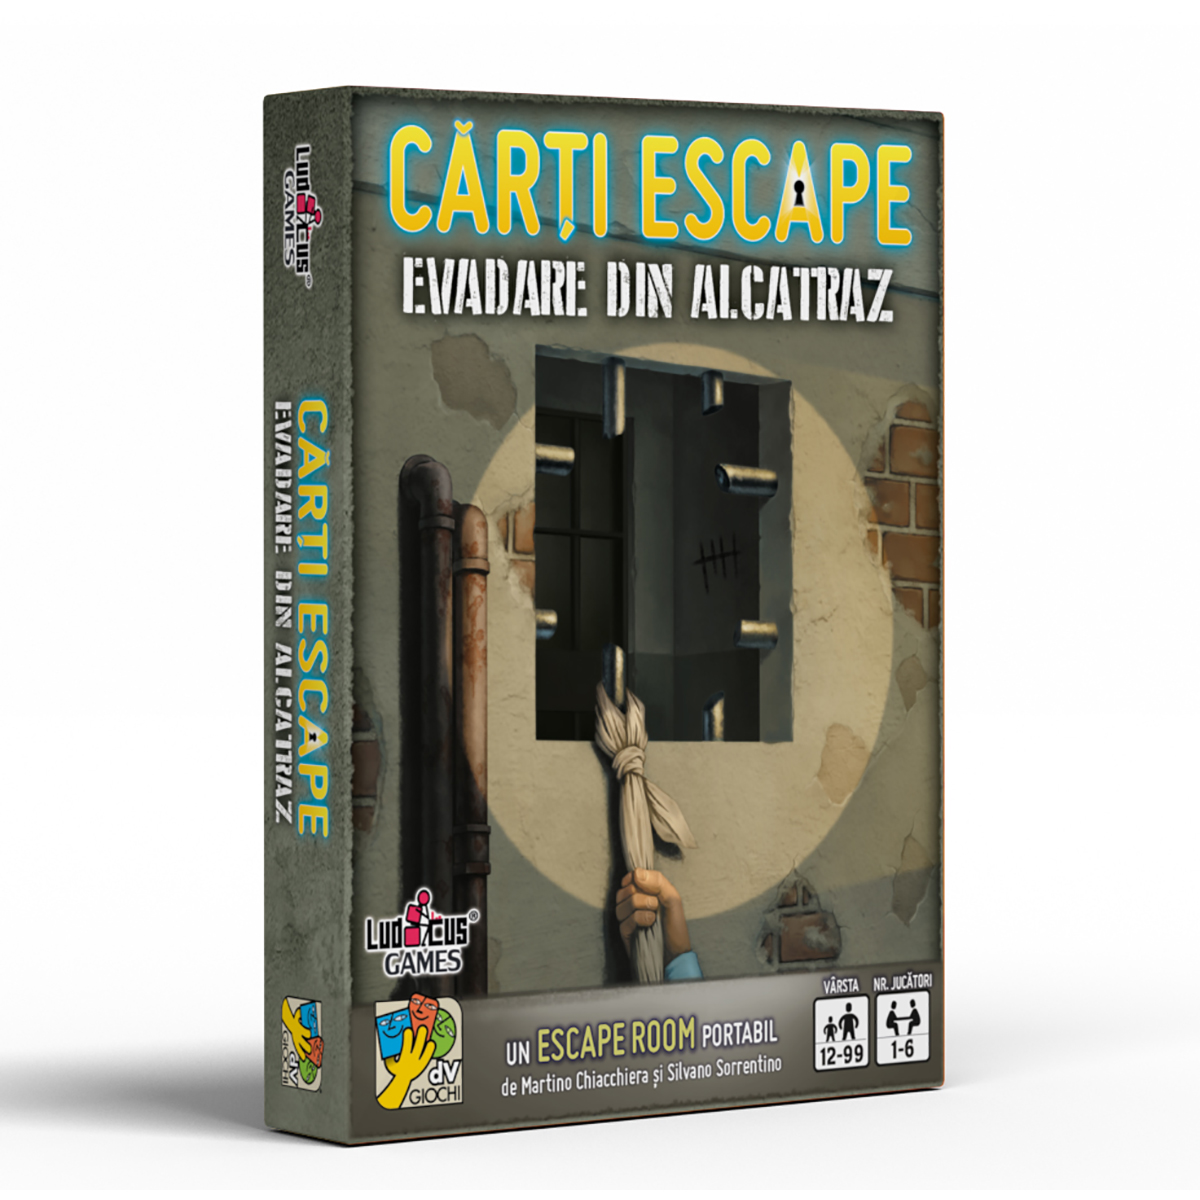 Joc de societate dV Giochi, Carti Escape, Evadarea din Alcatraz